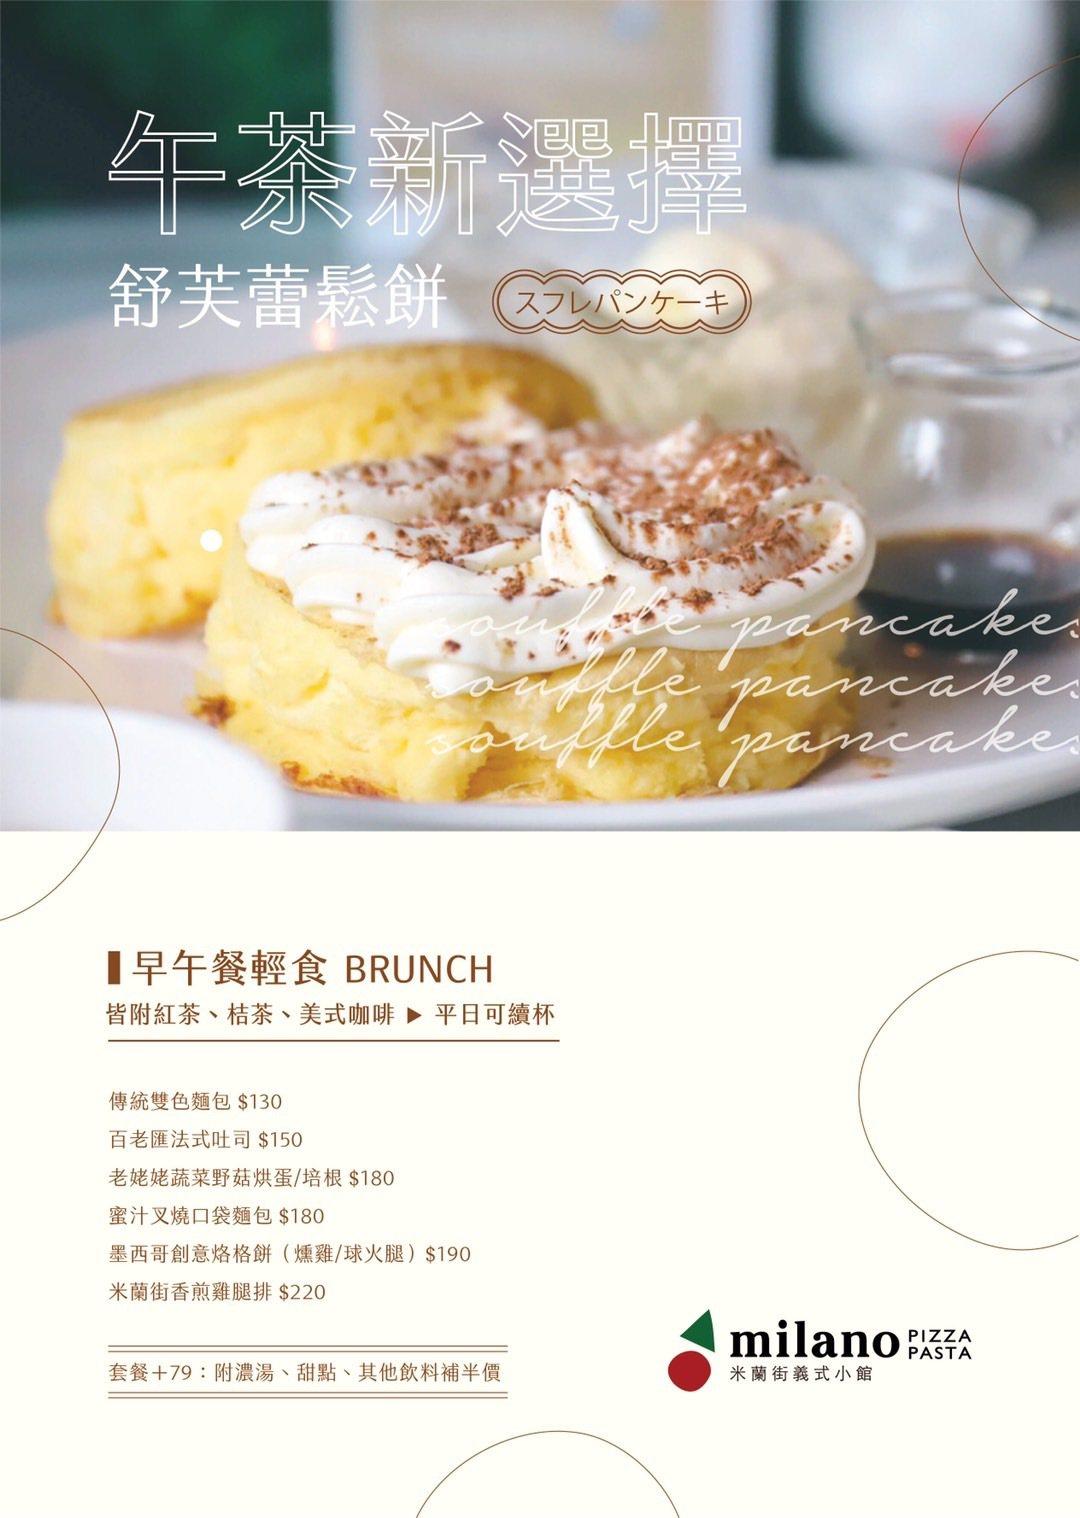 ▲米蘭街義式小館(員林館) 早午餐輕食菜單